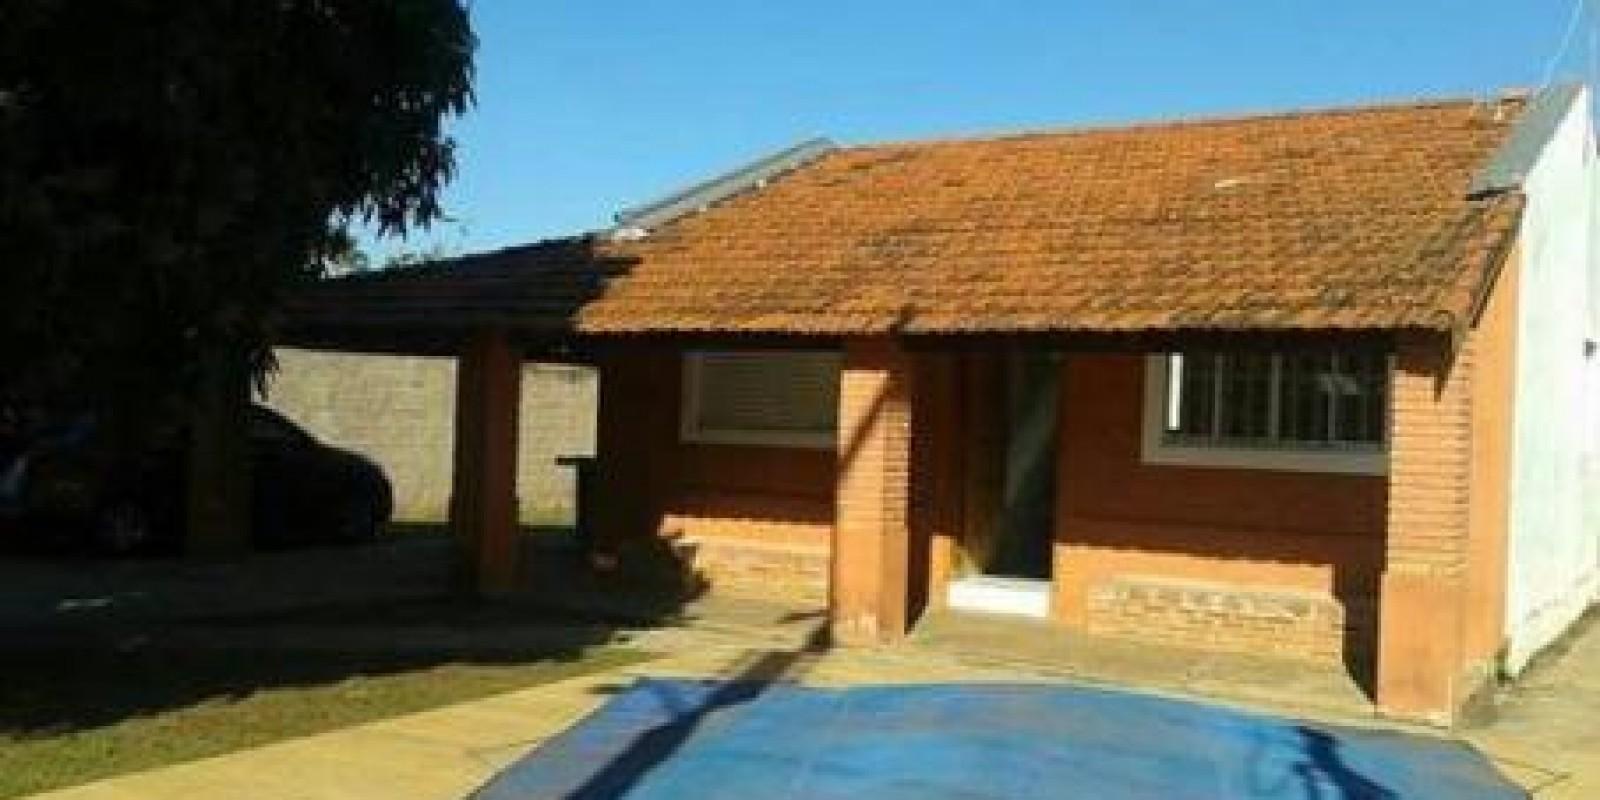 Casa na Represa no Costa Azul 1 em Avaré SP